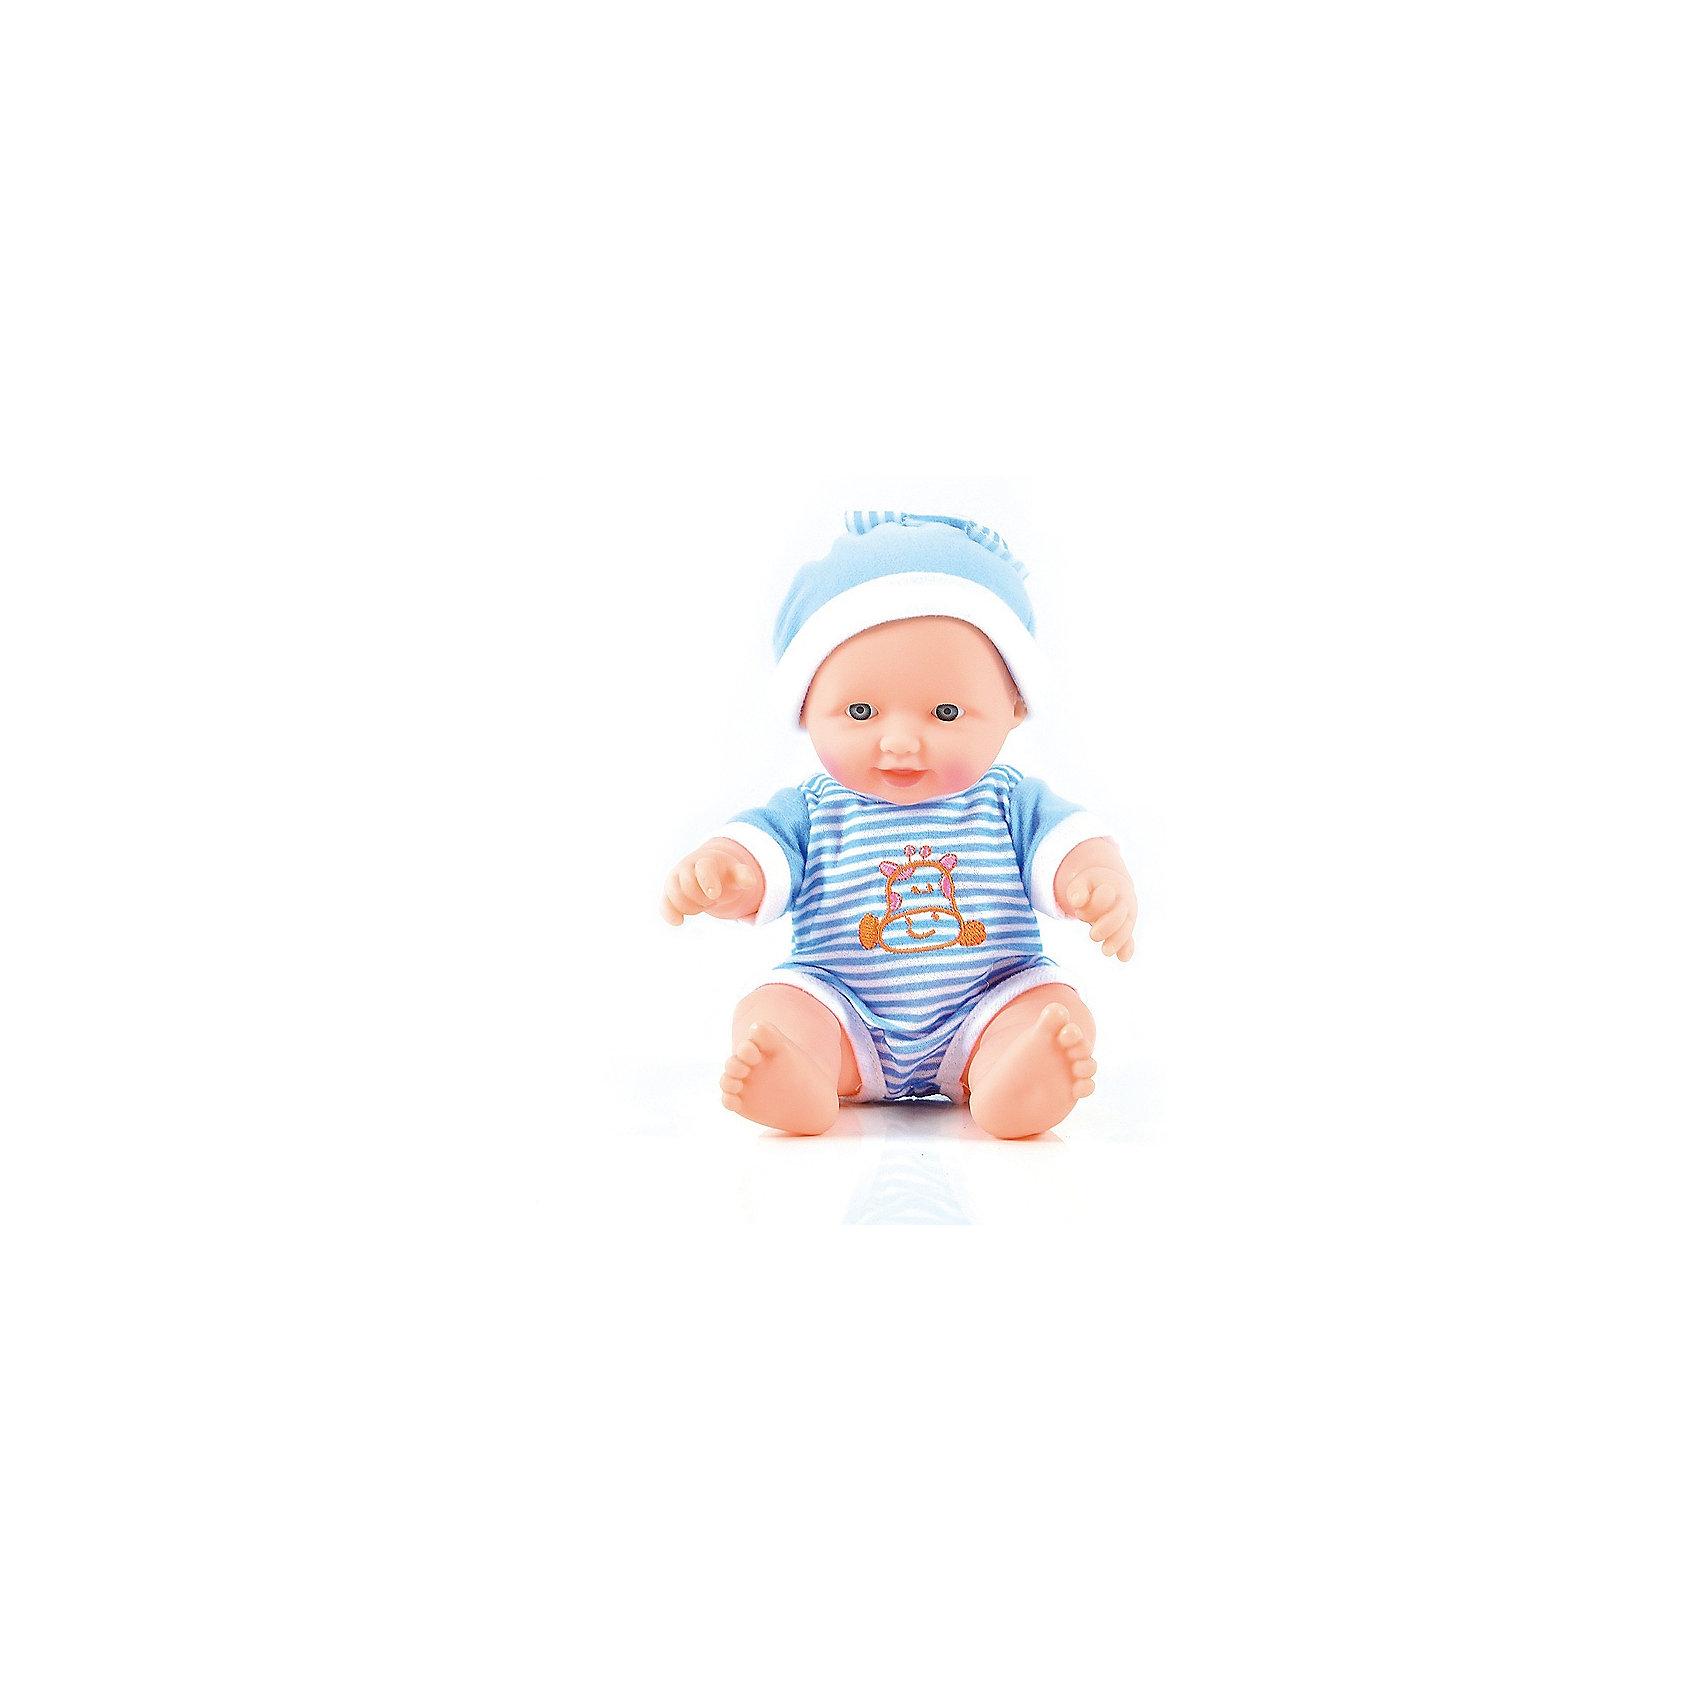 Пупс Смышлённый малыш, 24 см, DollyToyКуклы-пупсы<br>Характеристики товара:<br><br>• возраст от 3 лет;<br>• материал: пластик, текстиль;<br>• в комплекте: кукла;<br>• высота куклы 24 см;<br>• размер упаковки 20х15,5х11 см;<br>• вес упаковки 333 гр.;<br>• страна производитель: Китай.<br><br>Пупс «Смышленный малыш» DollyToy привьет девочке чувство заботы и ответственности. У карапуза добрые темные глазки. Он одет в голубой комбинезон и шапочку. С ним девочка может придумывать сюжеты для игры, заботясь о малыше, укладывая его спать.<br><br>Пупса «Смышленный малыш» DollyToy можно приобрести в нашем интернет-магазине.<br><br>Ширина мм: 155<br>Глубина мм: 110<br>Высота мм: 200<br>Вес г: 333<br>Возраст от месяцев: 36<br>Возраст до месяцев: 72<br>Пол: Женский<br>Возраст: Детский<br>SKU: 5581289